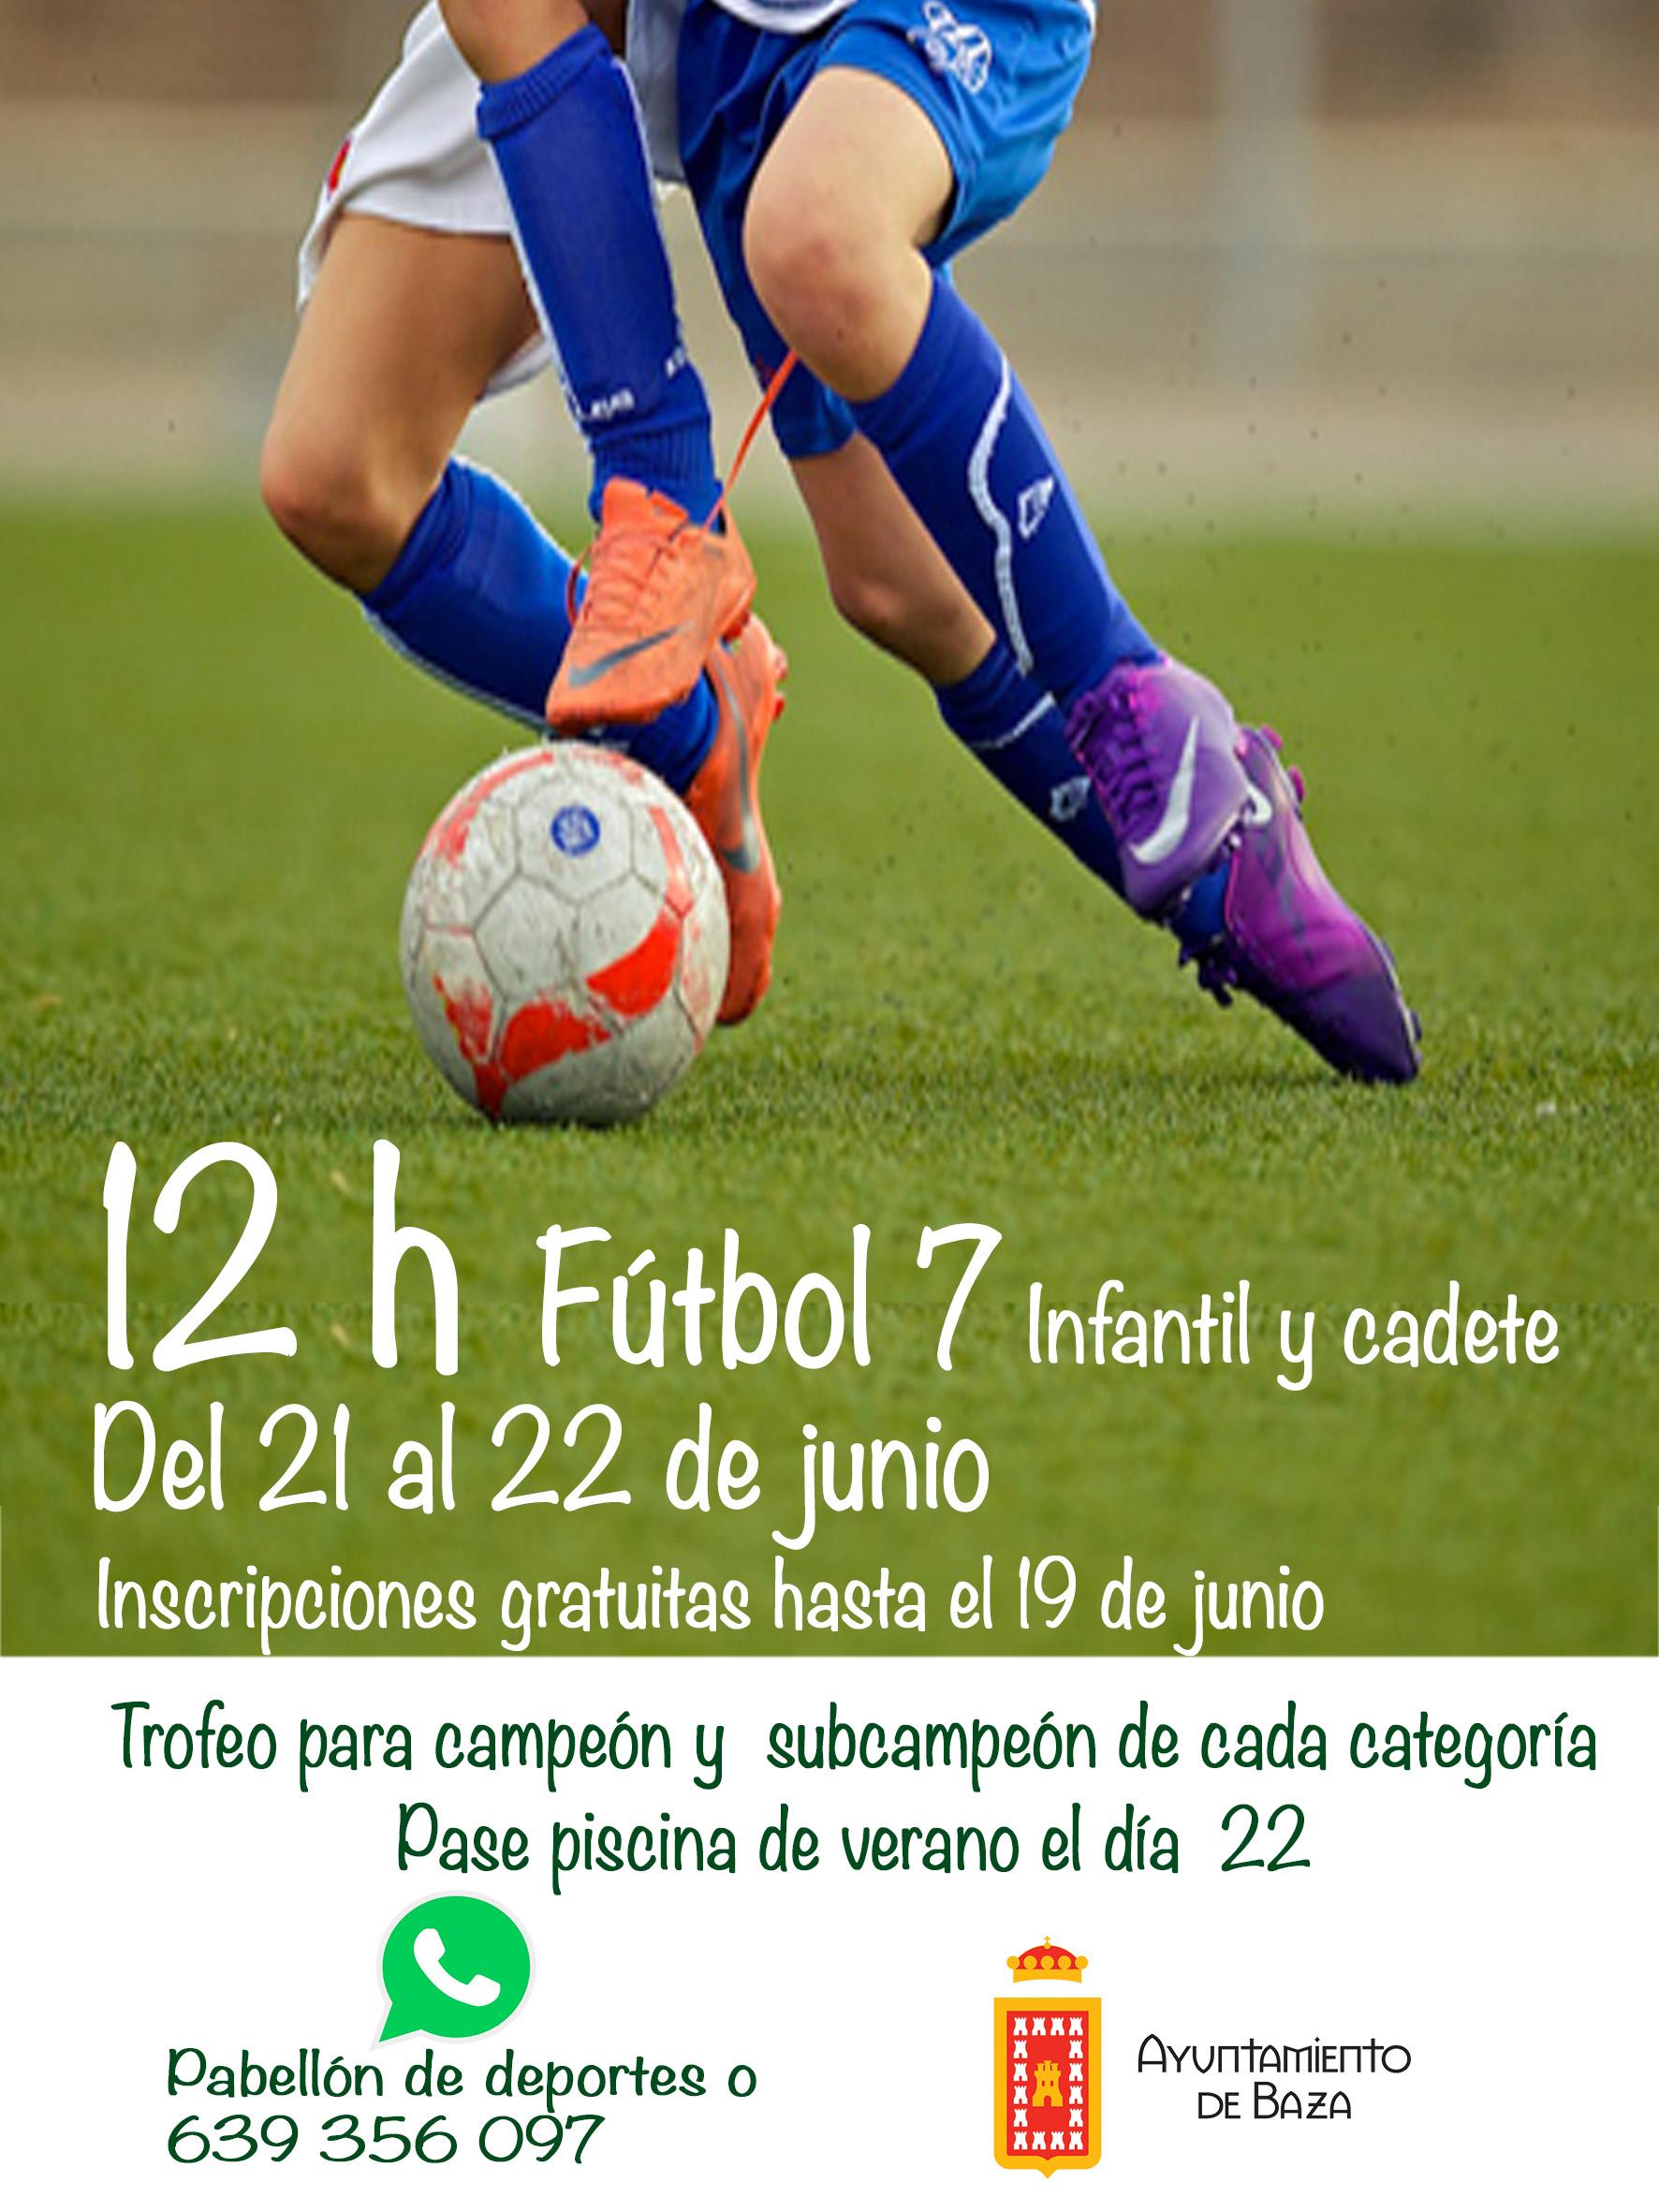 12 horas futbol sala infantil 2019